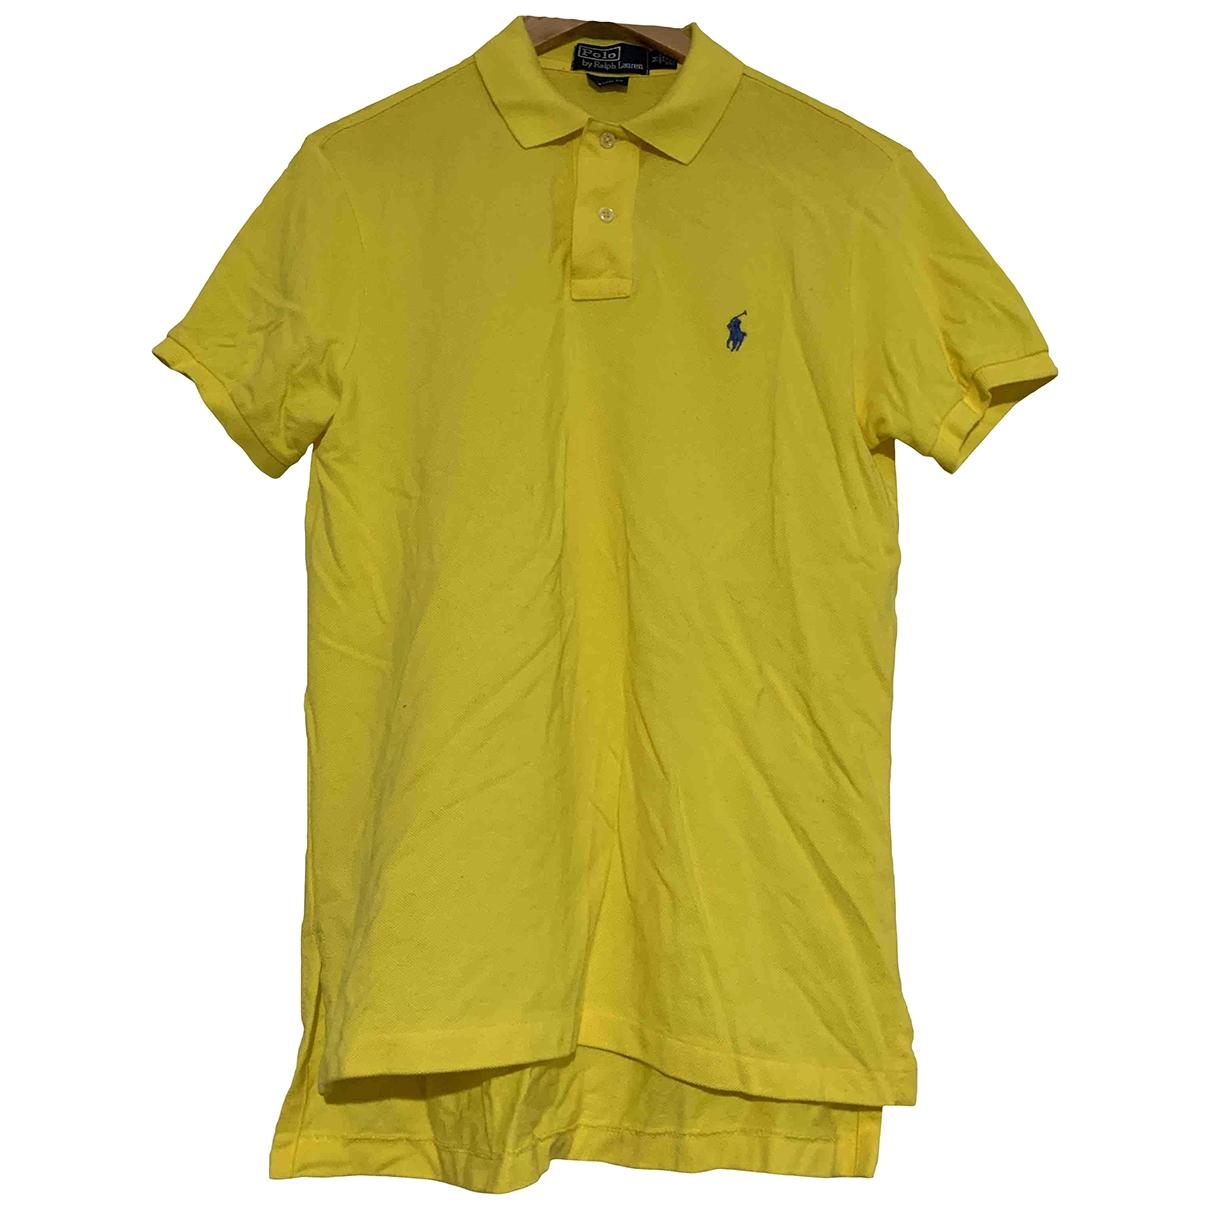 Polo en Algodon Amarillo Polo Ralph Lauren